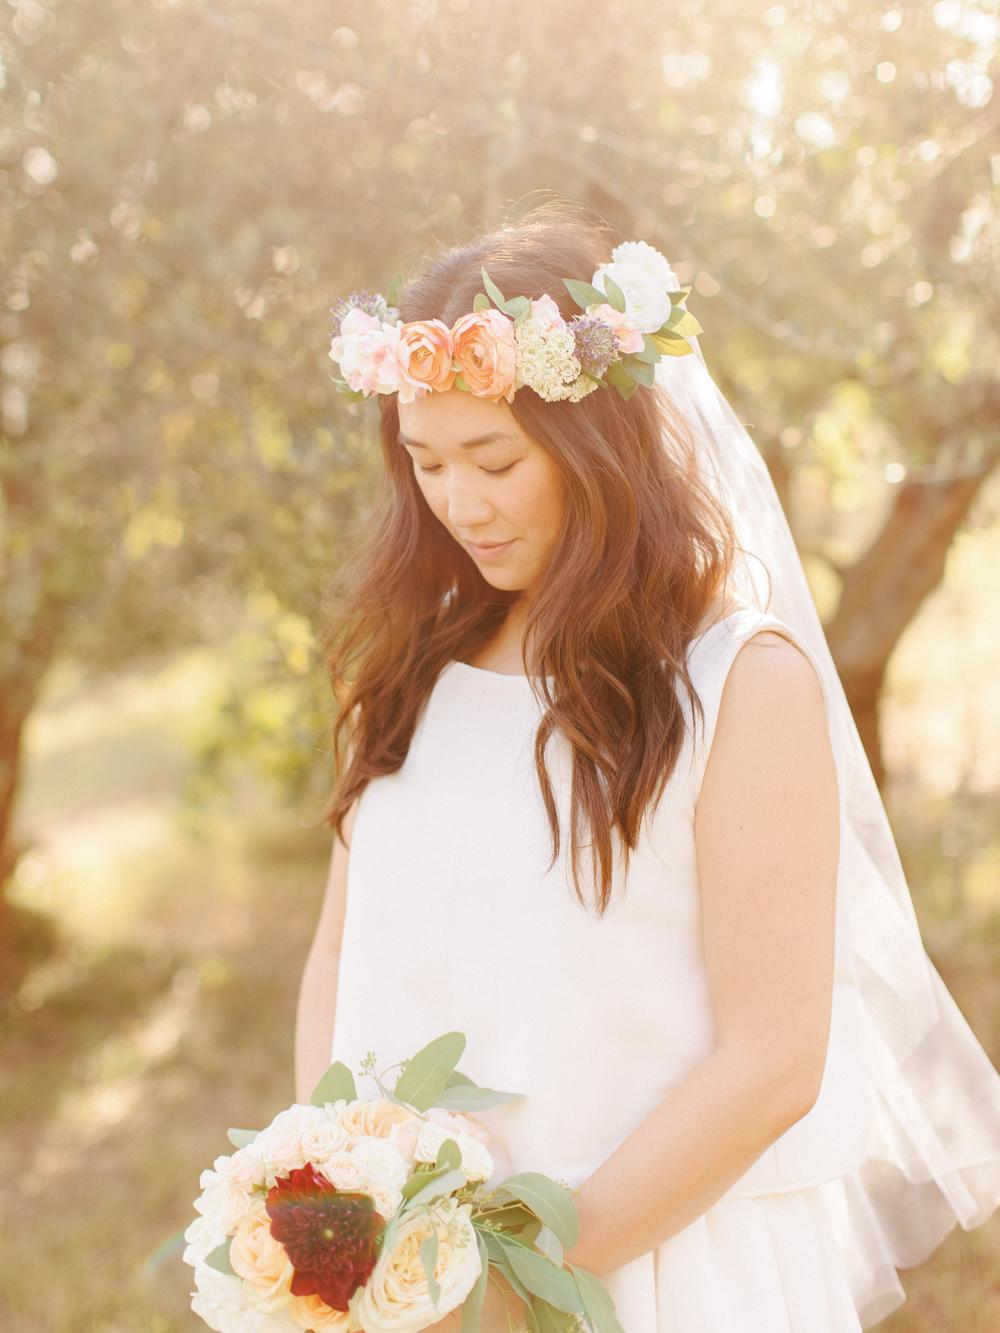 TUSCANY-INTIMATE-WEDDING--22